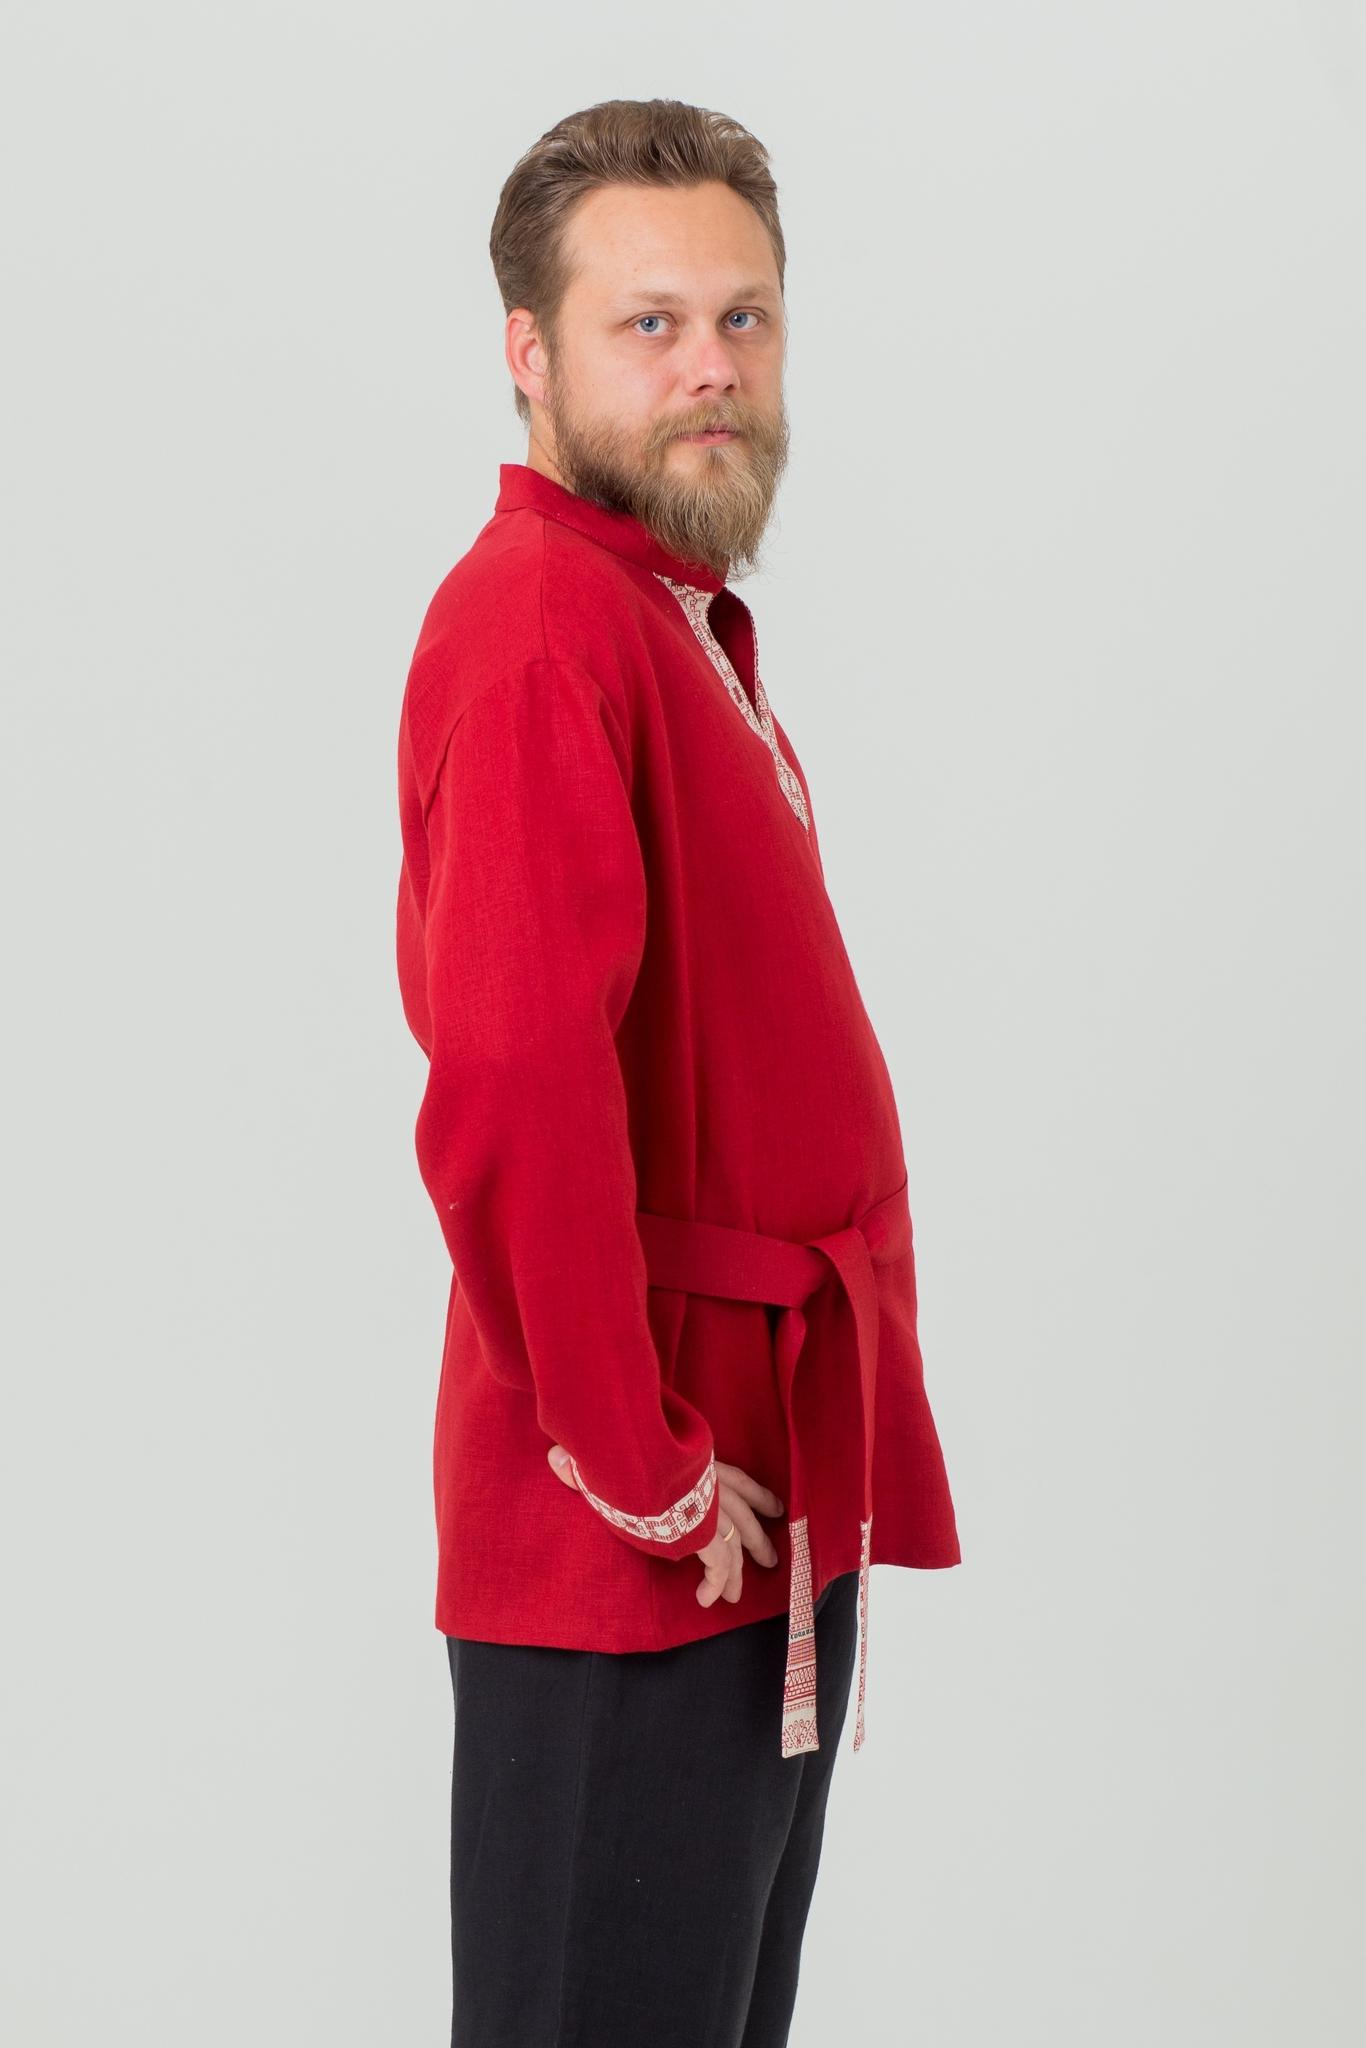 Рубаха мужская из льна Брусничный цвет в русском стиле